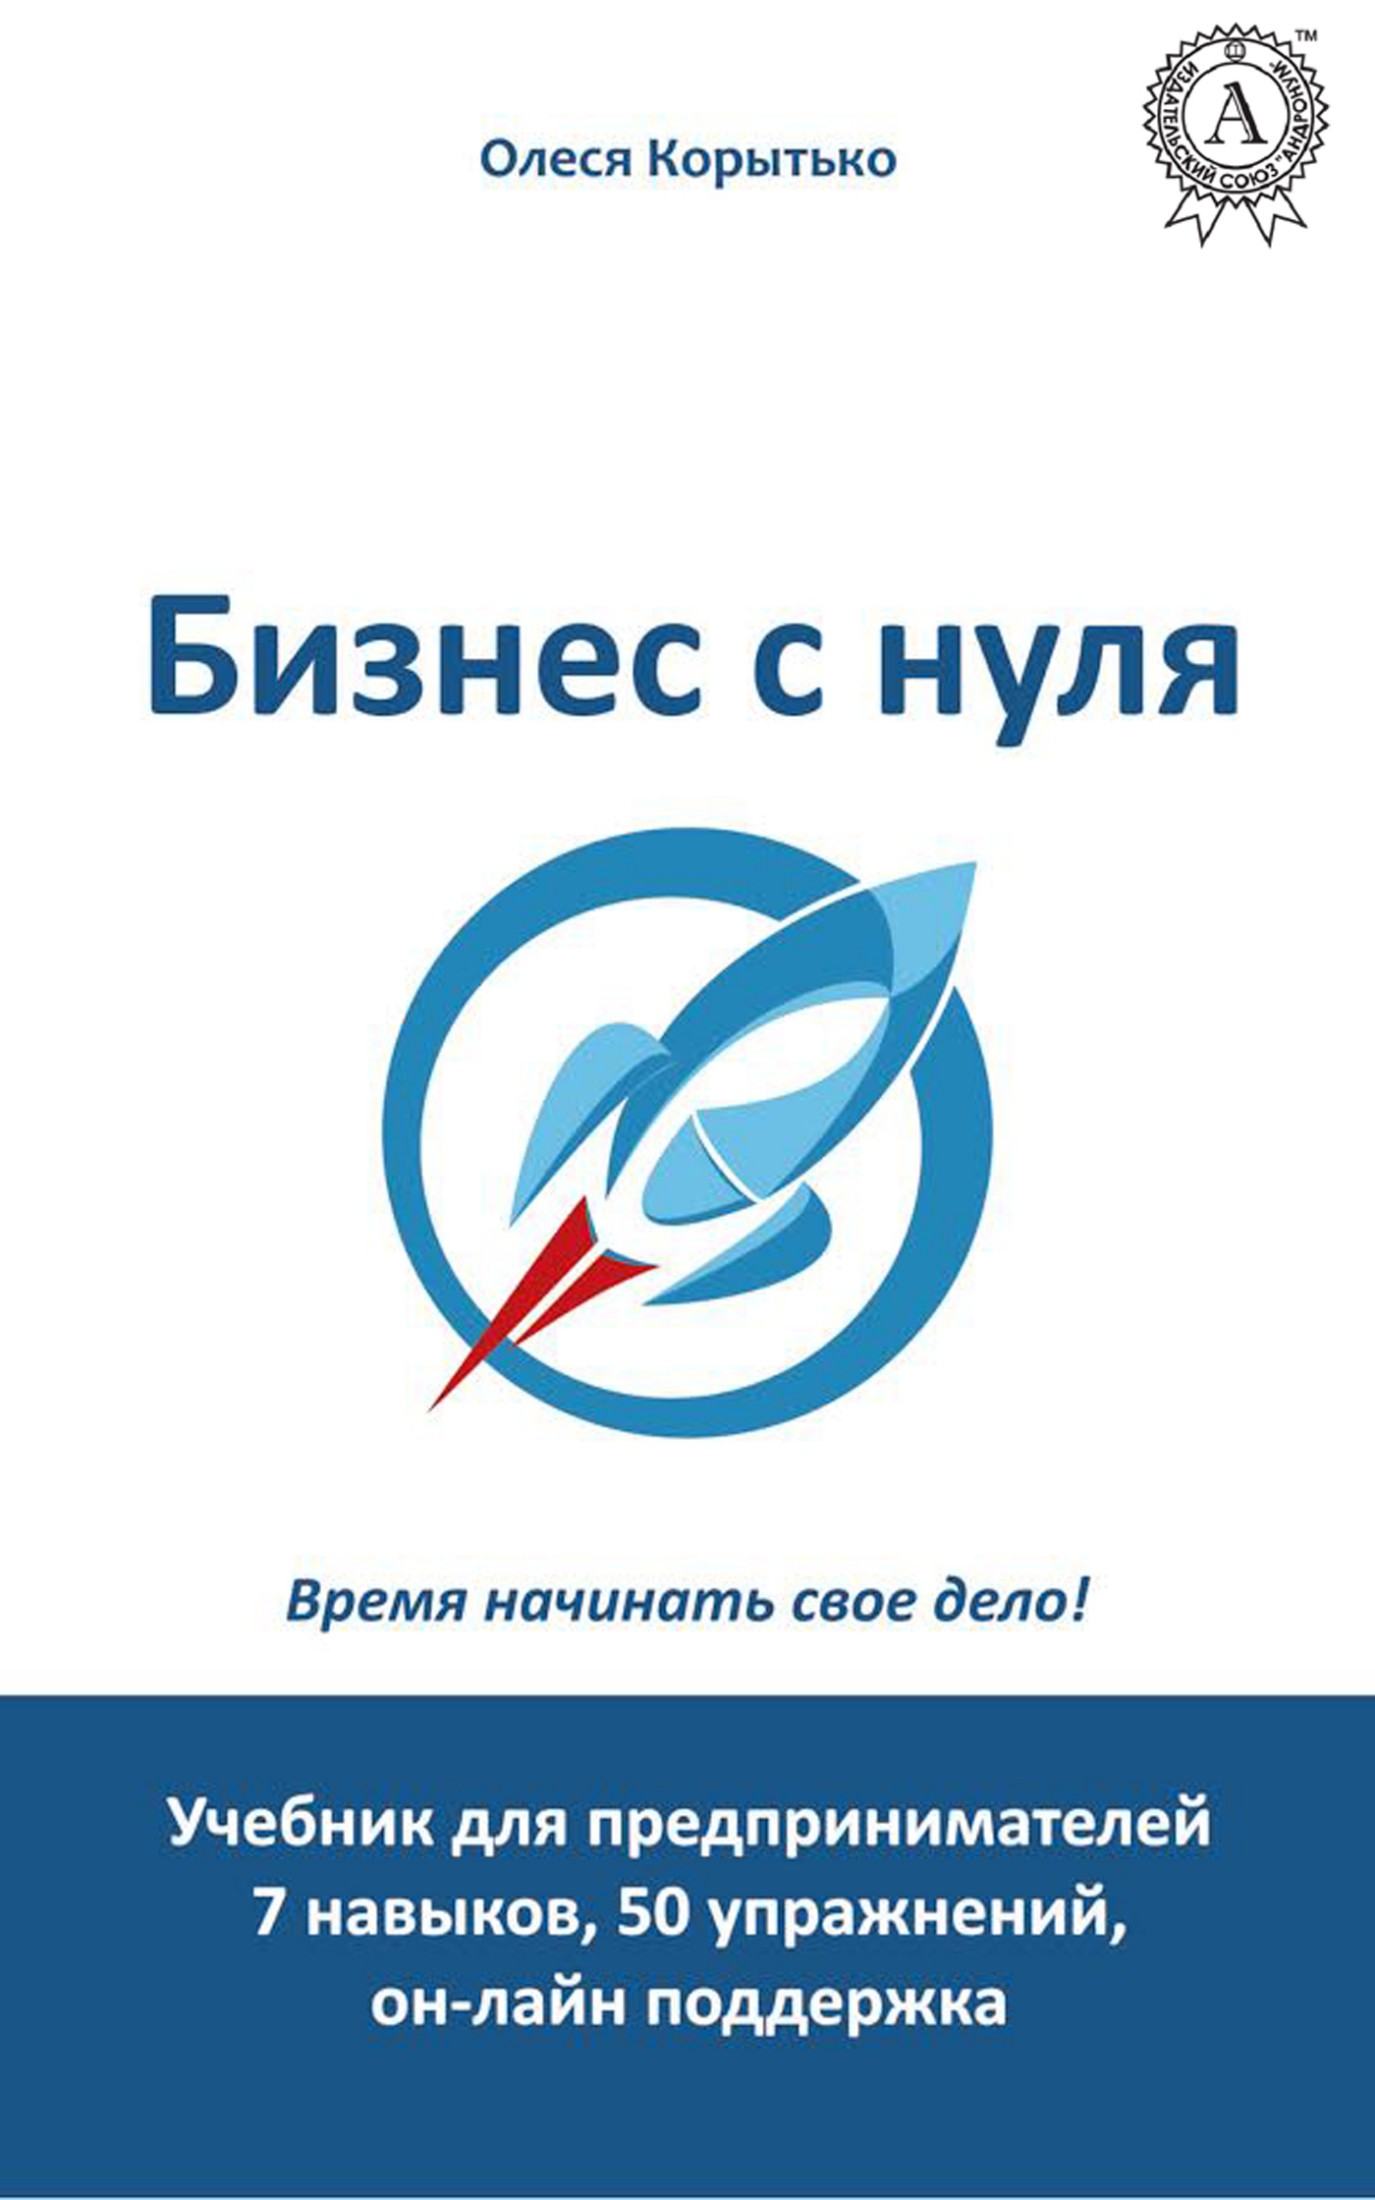 Олеся Коритько Бизнес с нуля